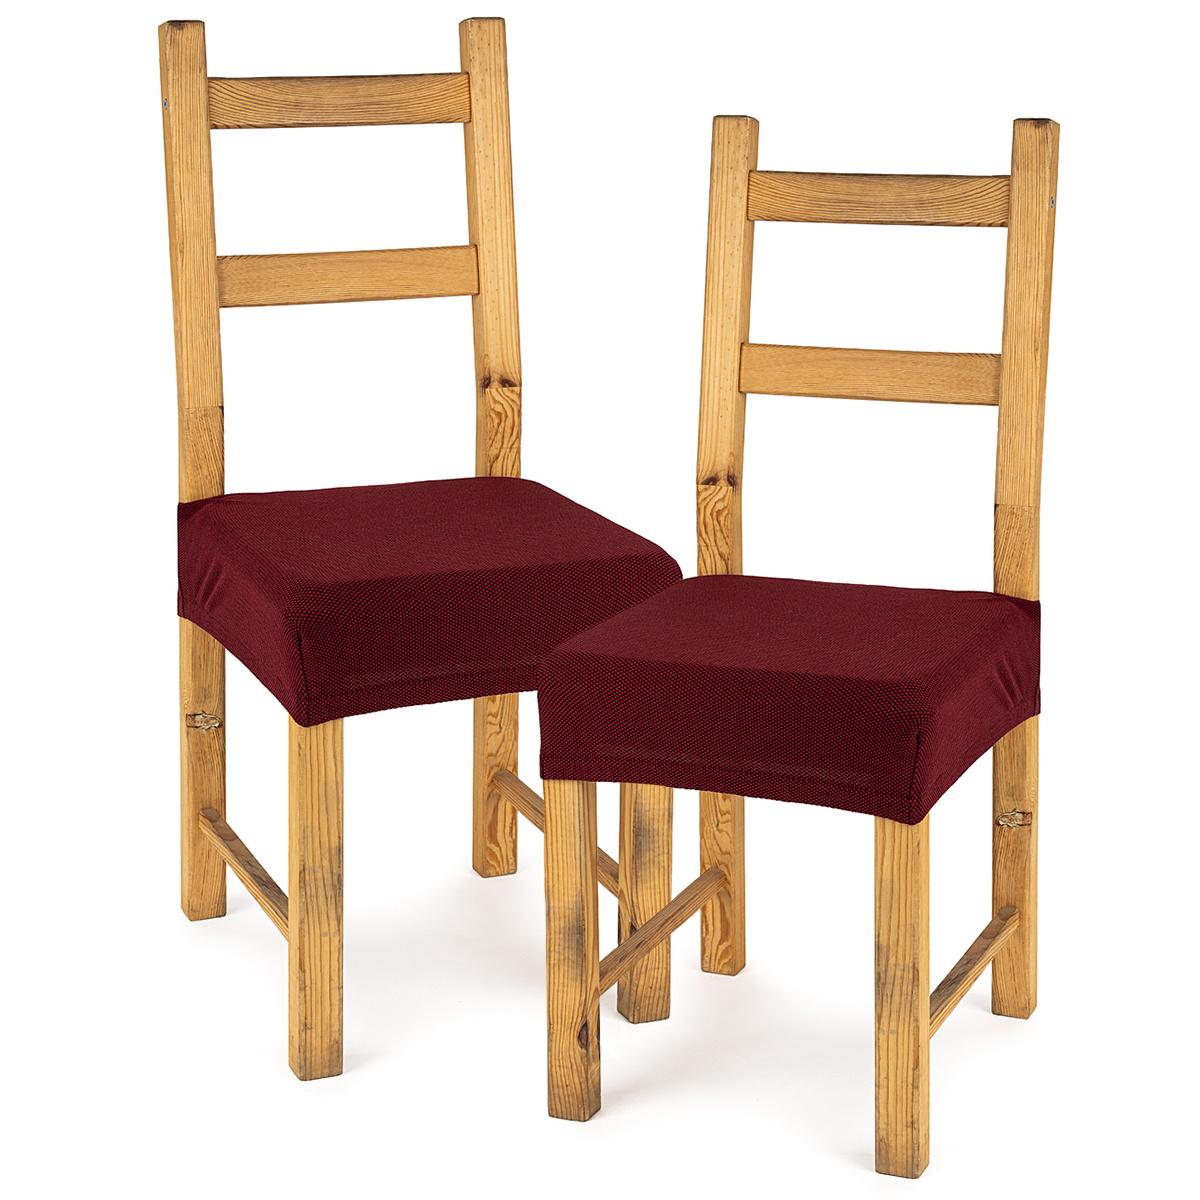 4Home Pokrowiec multielastyczny na krzesło Comfort bordó, 40 - 50 cm, 2 szt.